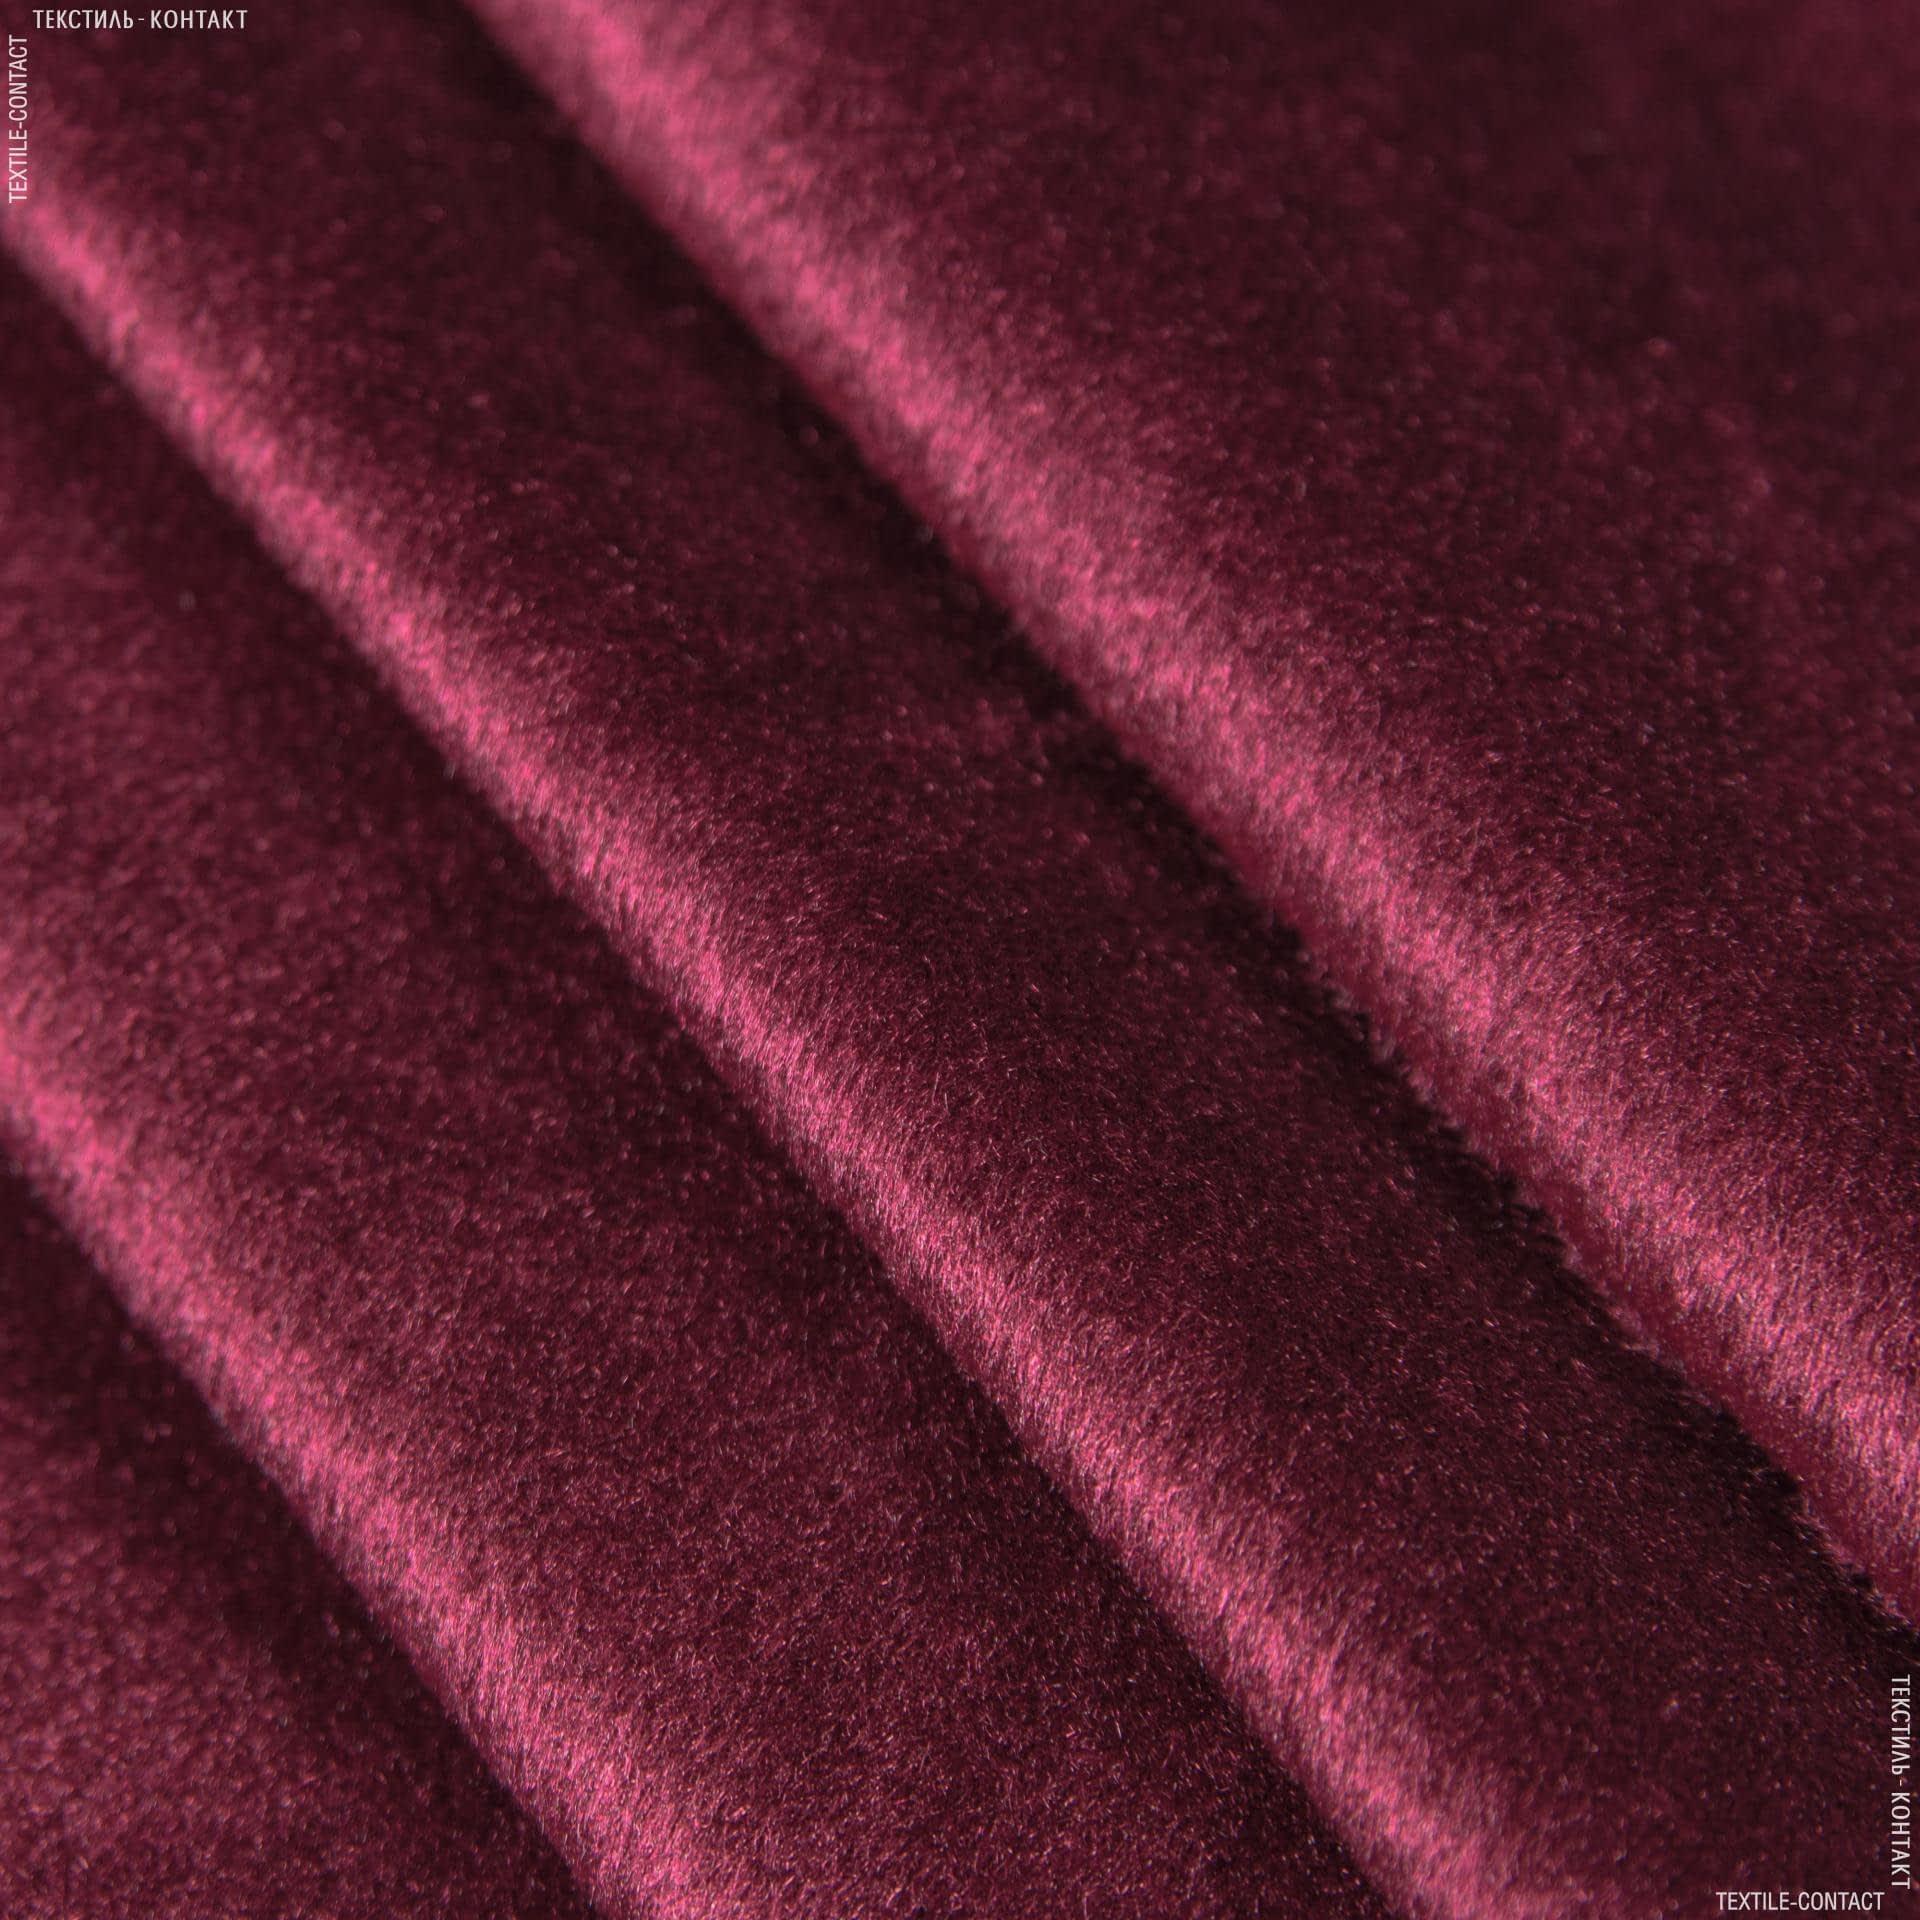 Ткани для мягких игрушек - Велюр бордо